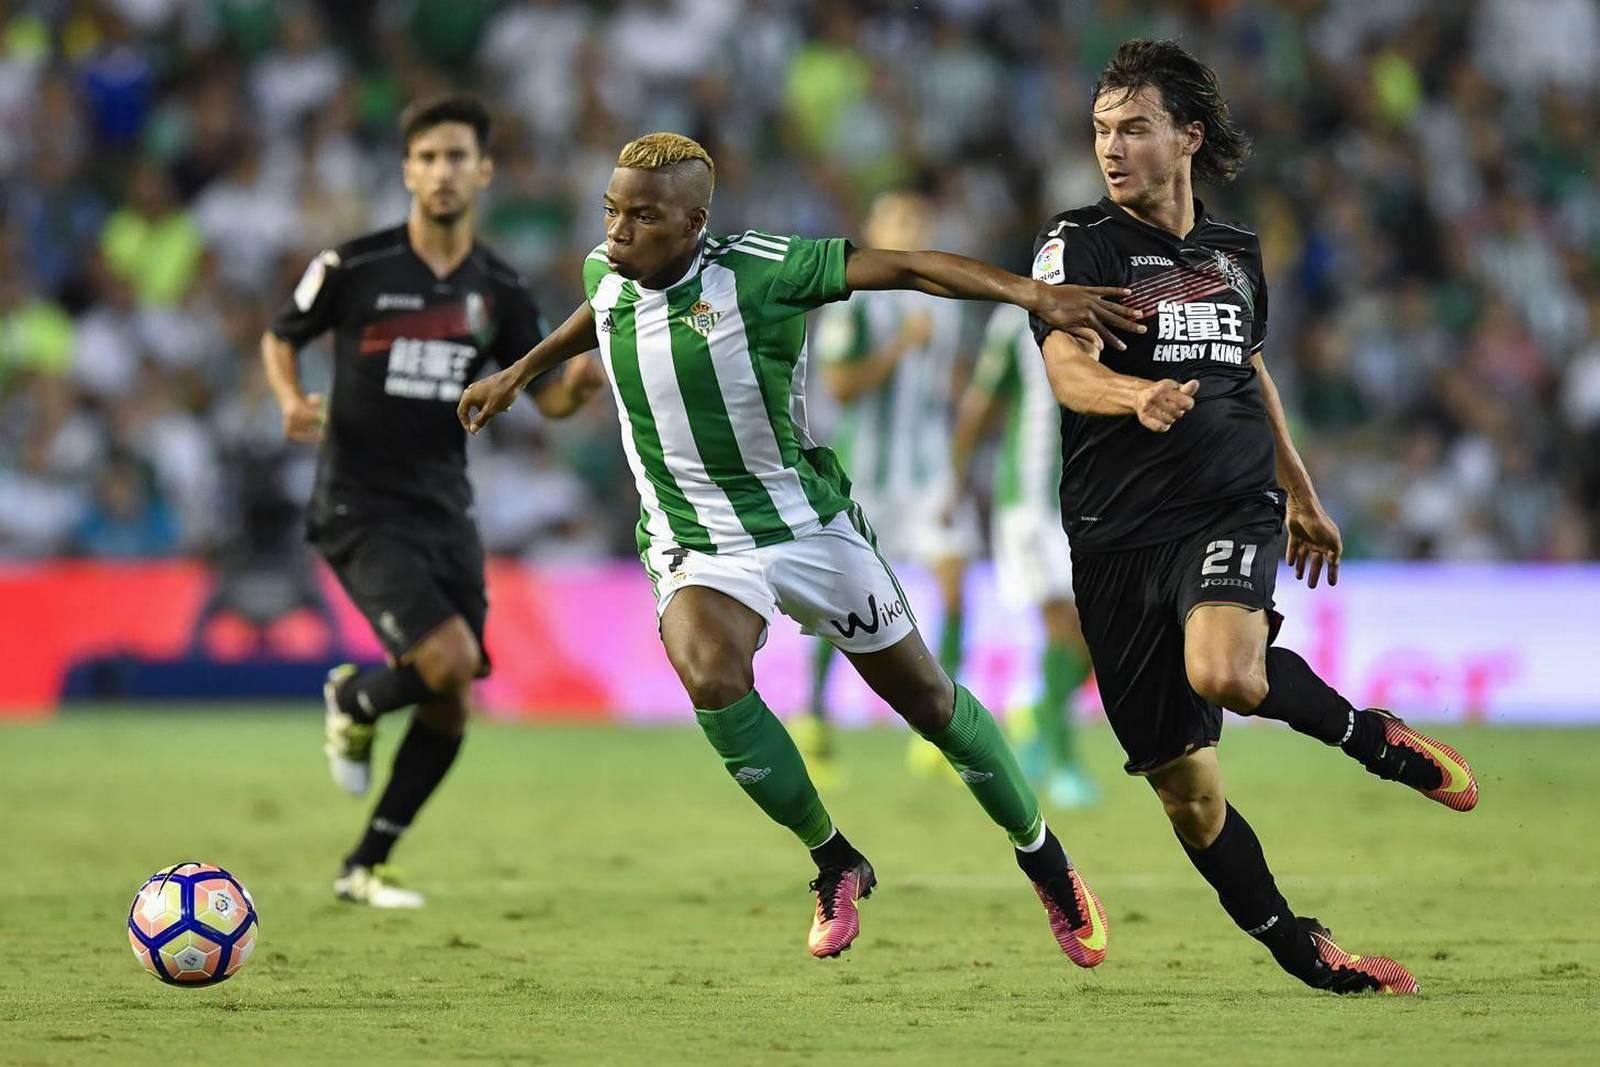 Charly Musonda im Zweikampf. Jetzt auf Granada gegen Betis Sevilla wetten!